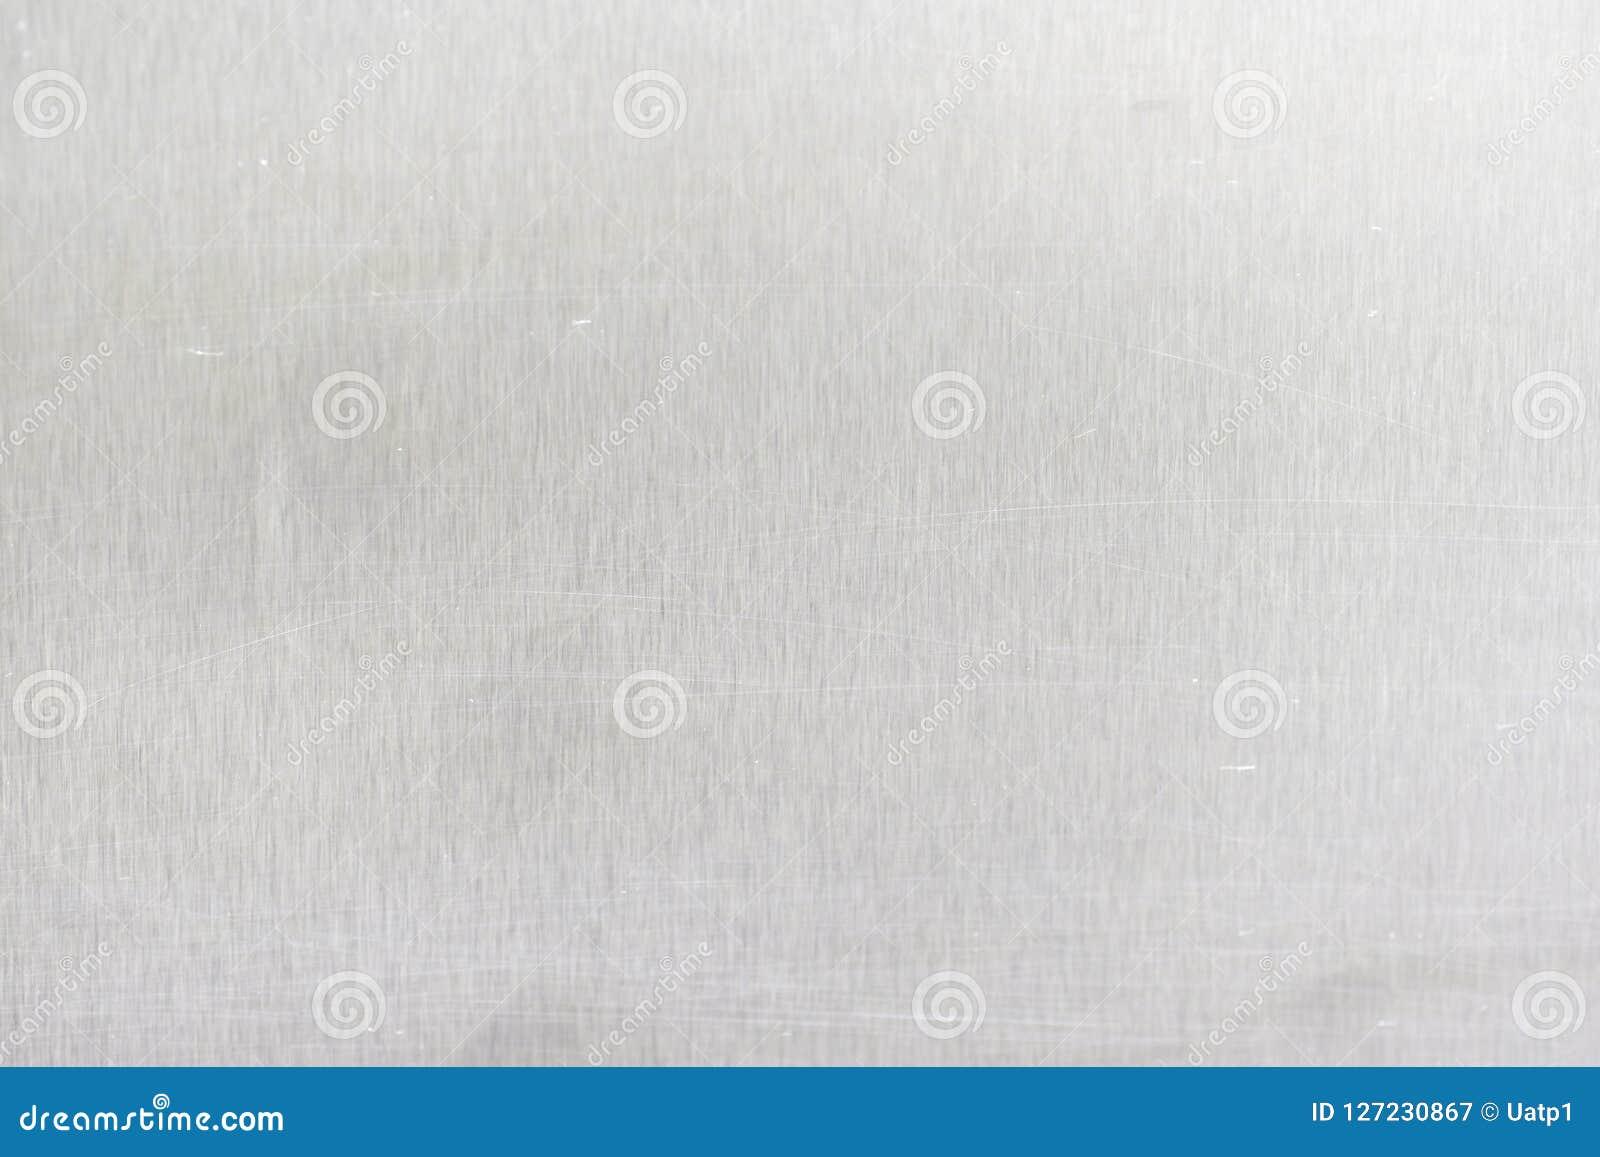 изображение металлической поверхности